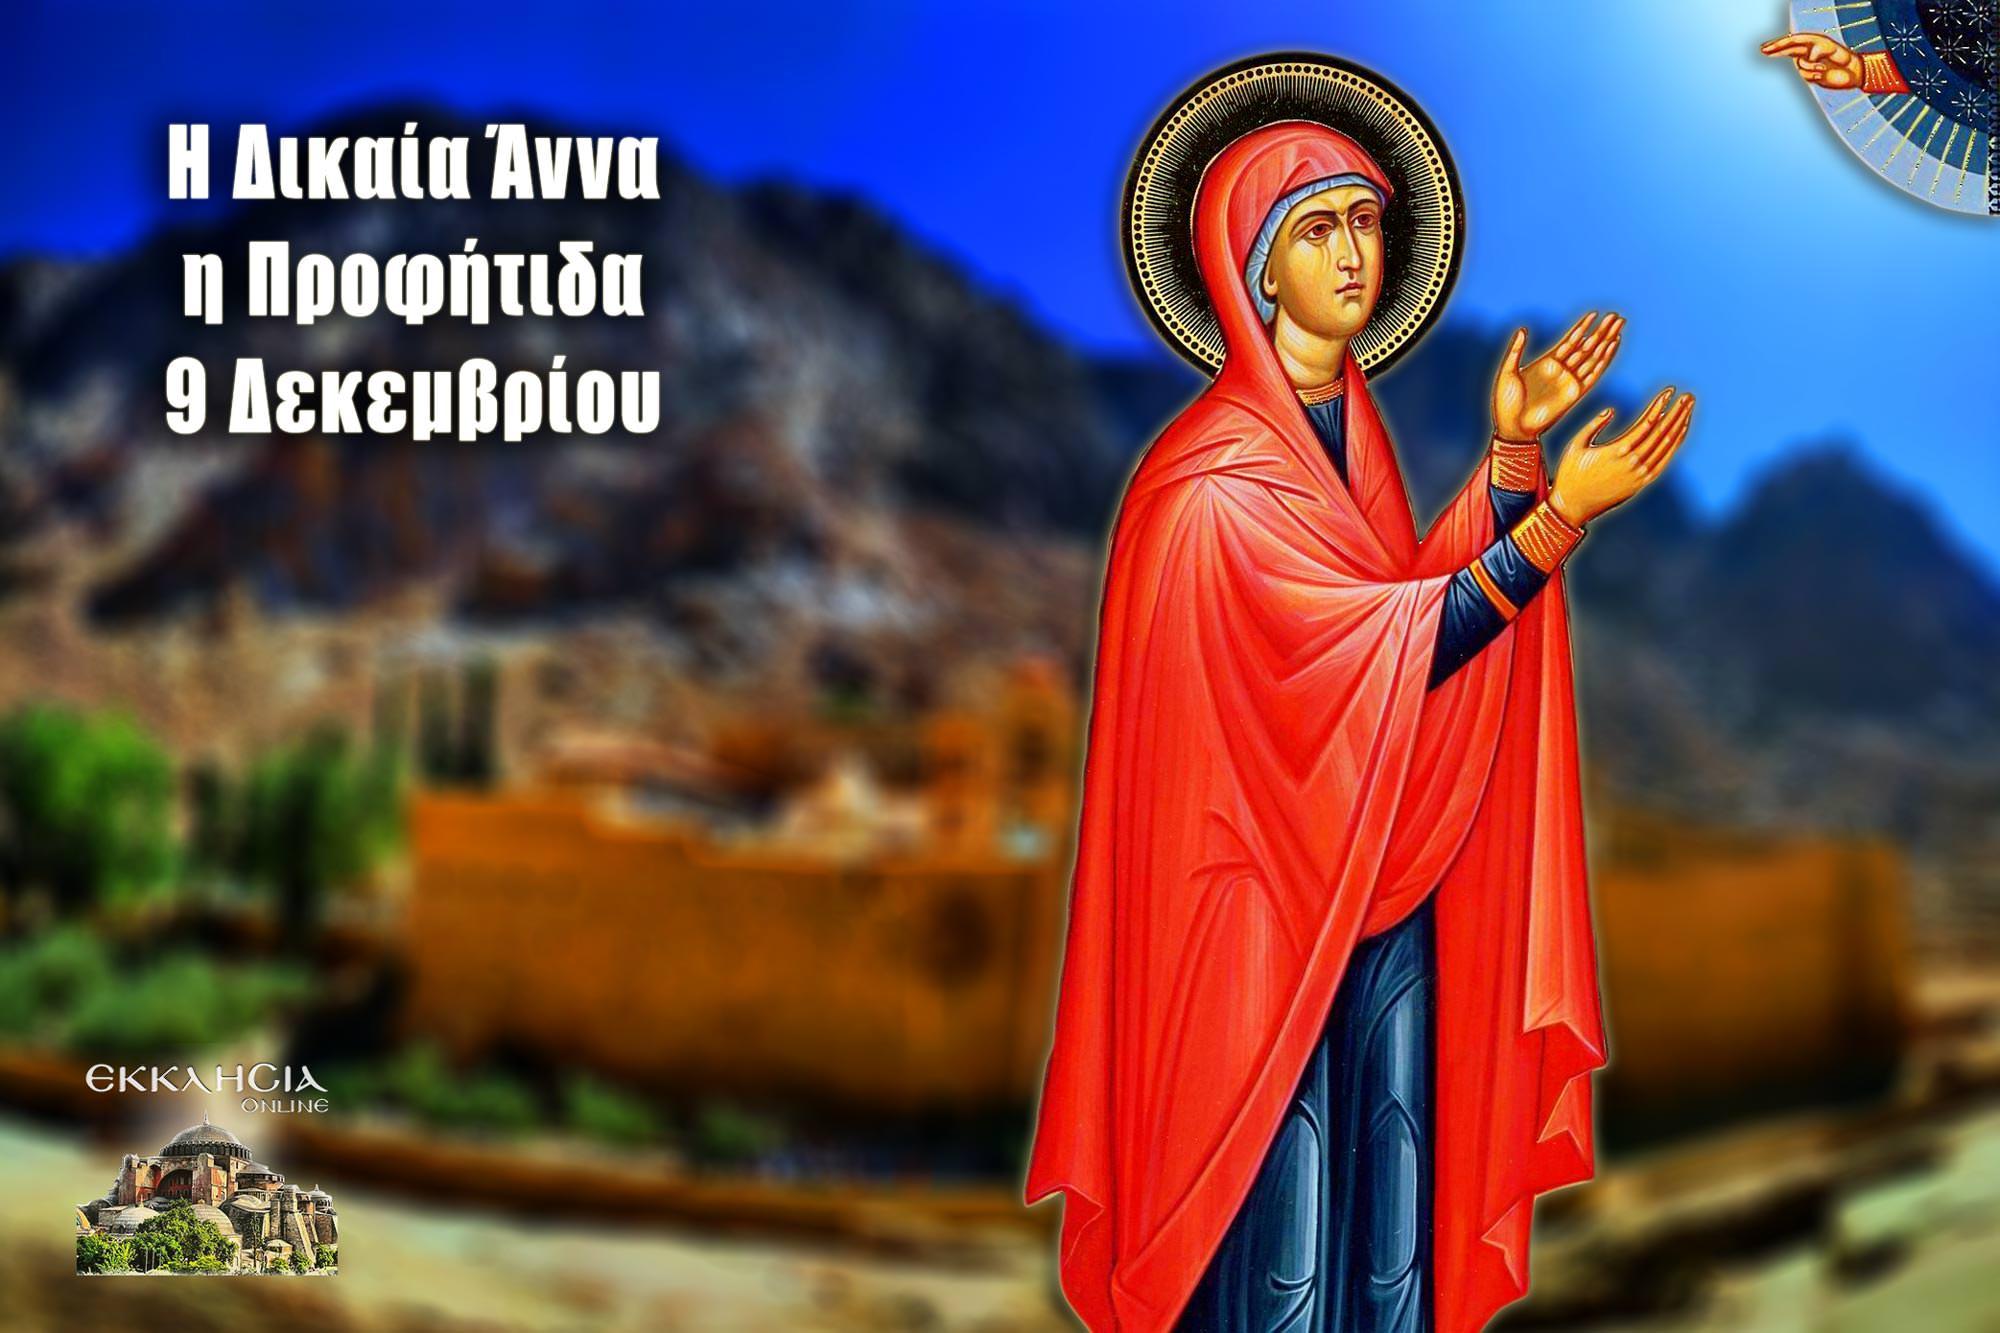 Δικαία Άννα Προφήτιδα 9 Δεκεμβρίου